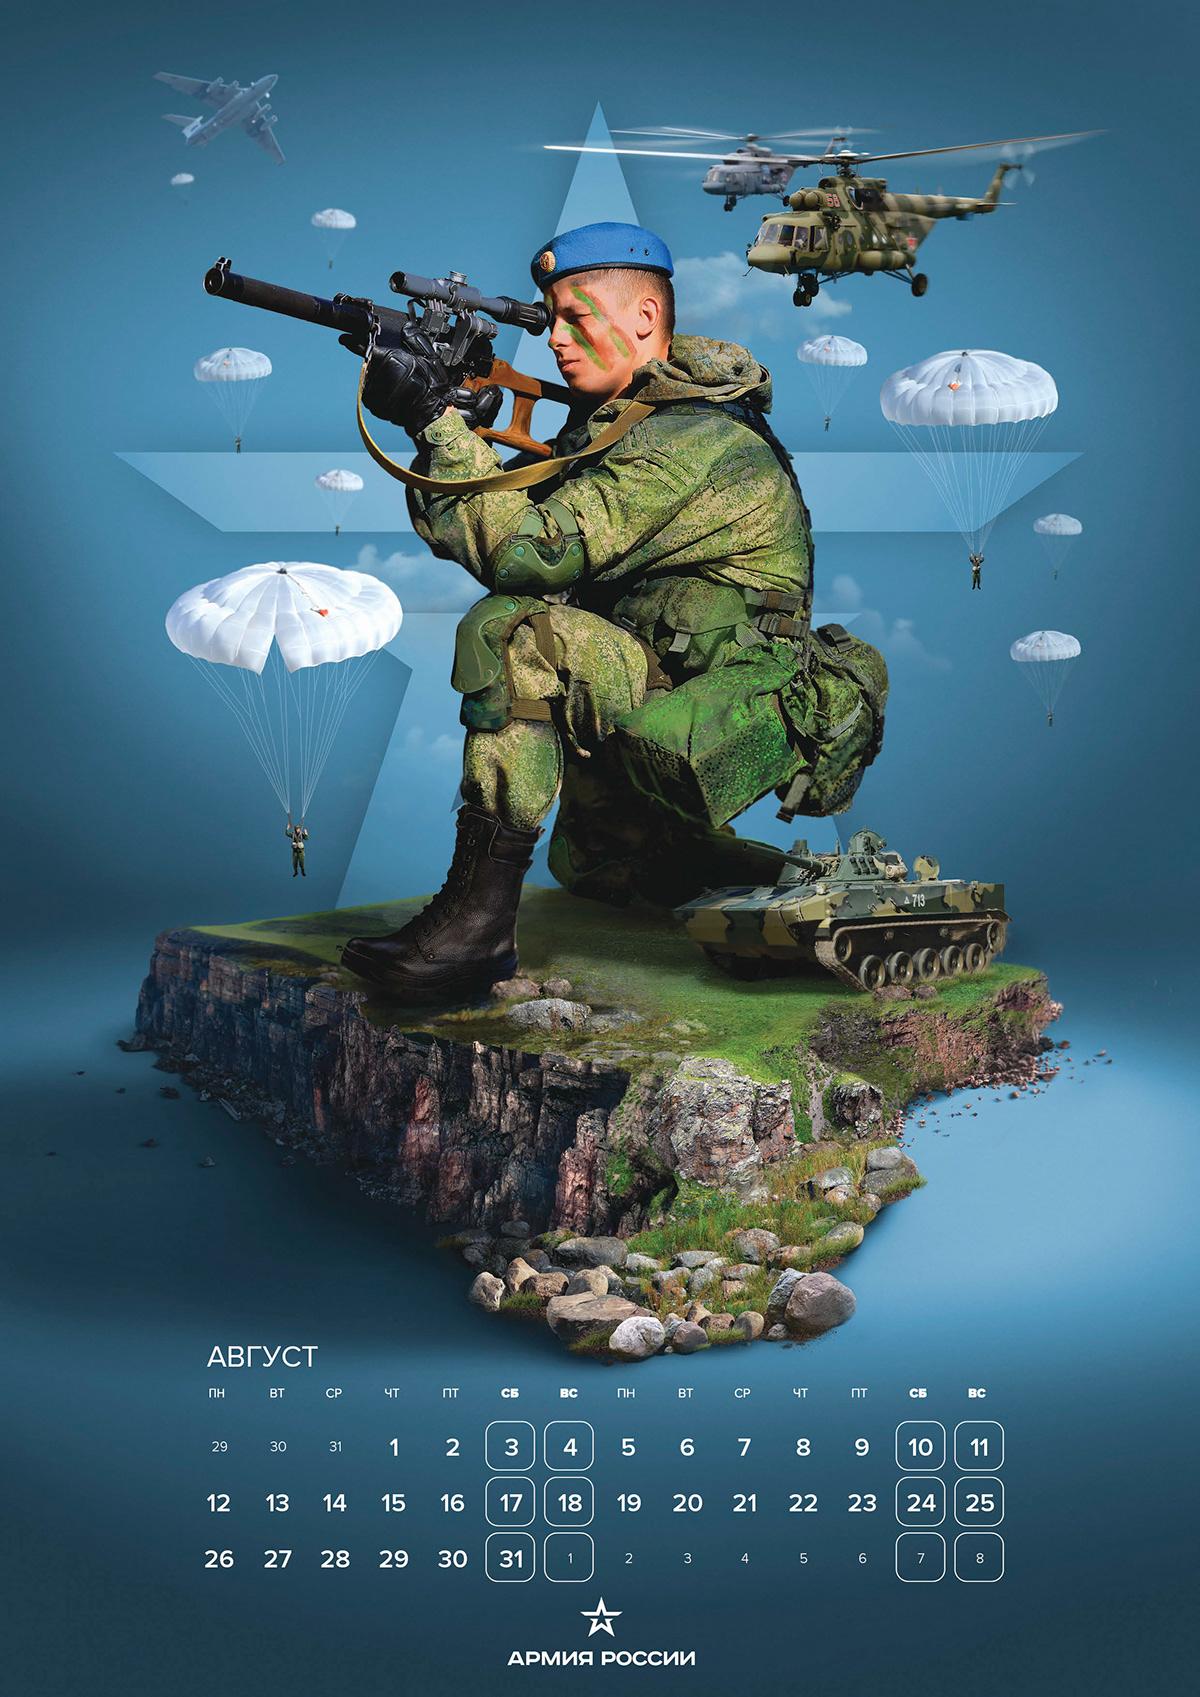 calendar,army of russia,soldier,print,dizaf,Армия России